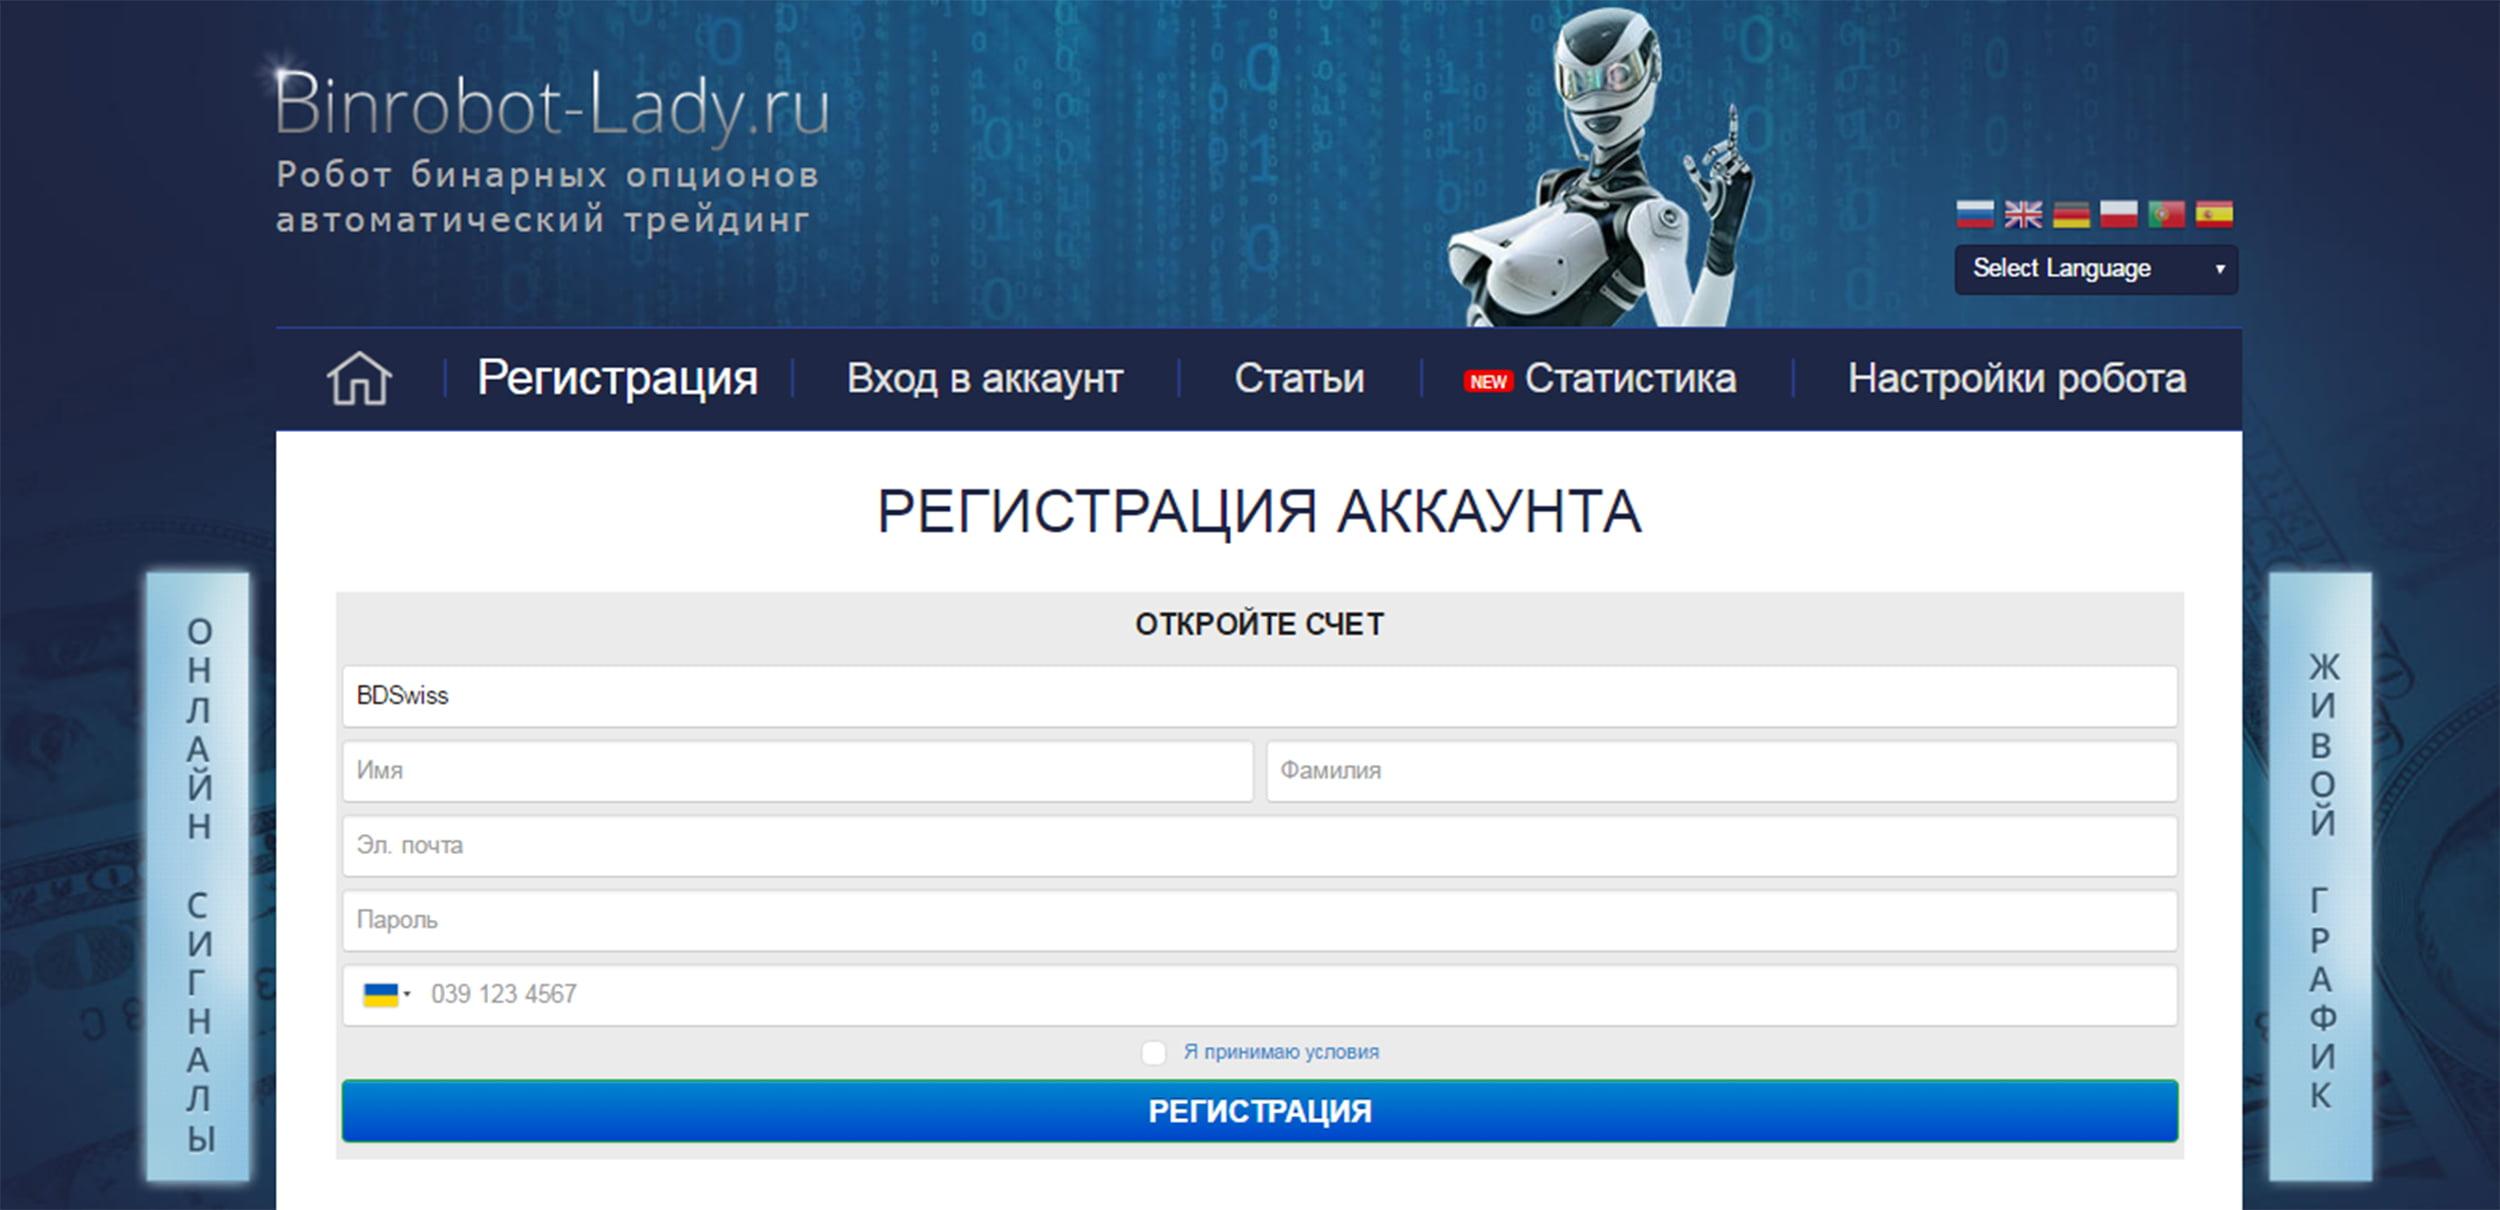 Регистрация аккаунта для использования робота Аби